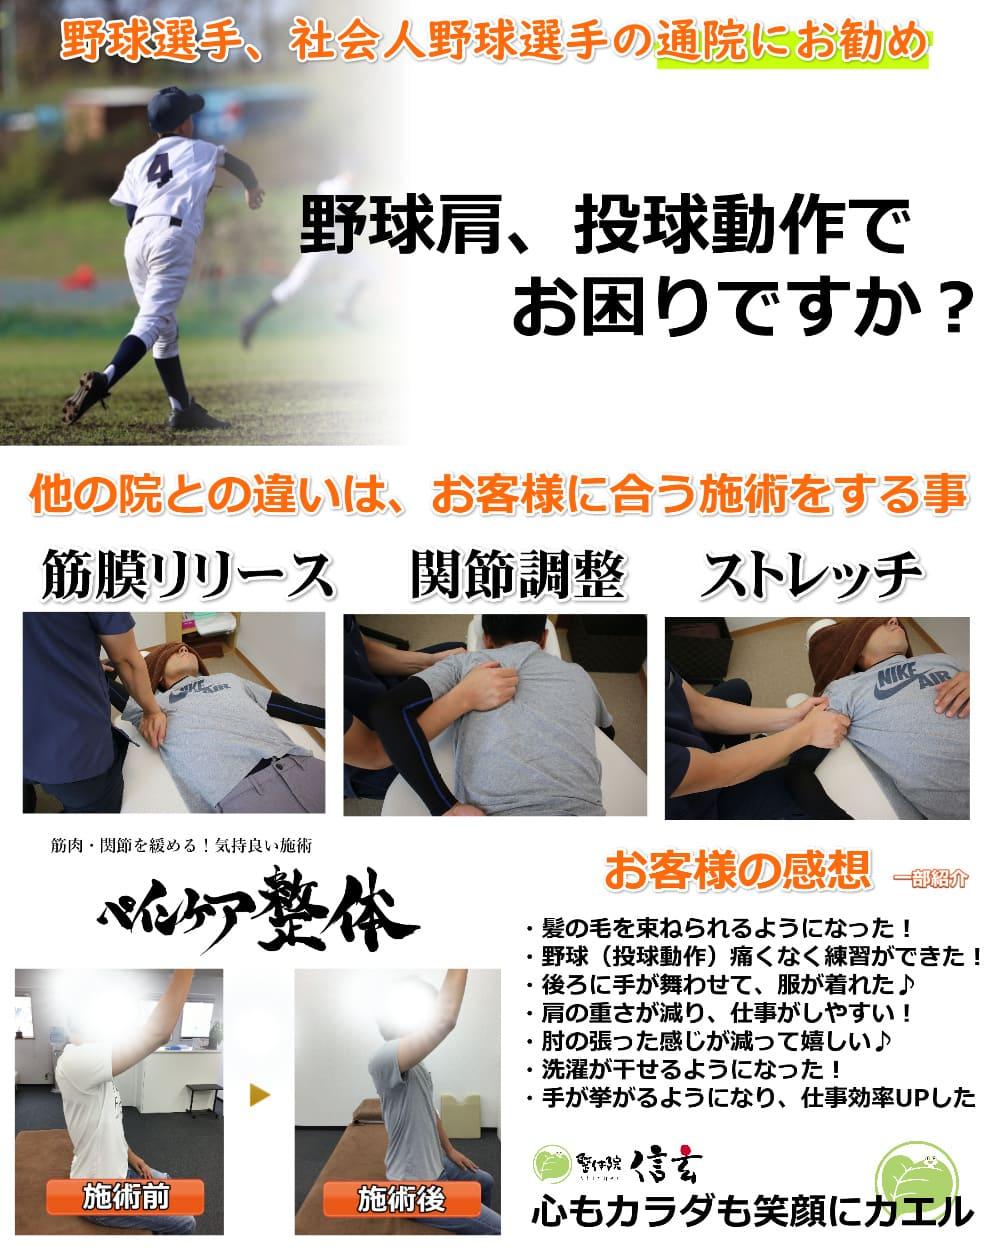 野球肩にお勧めの整体院を紹介します